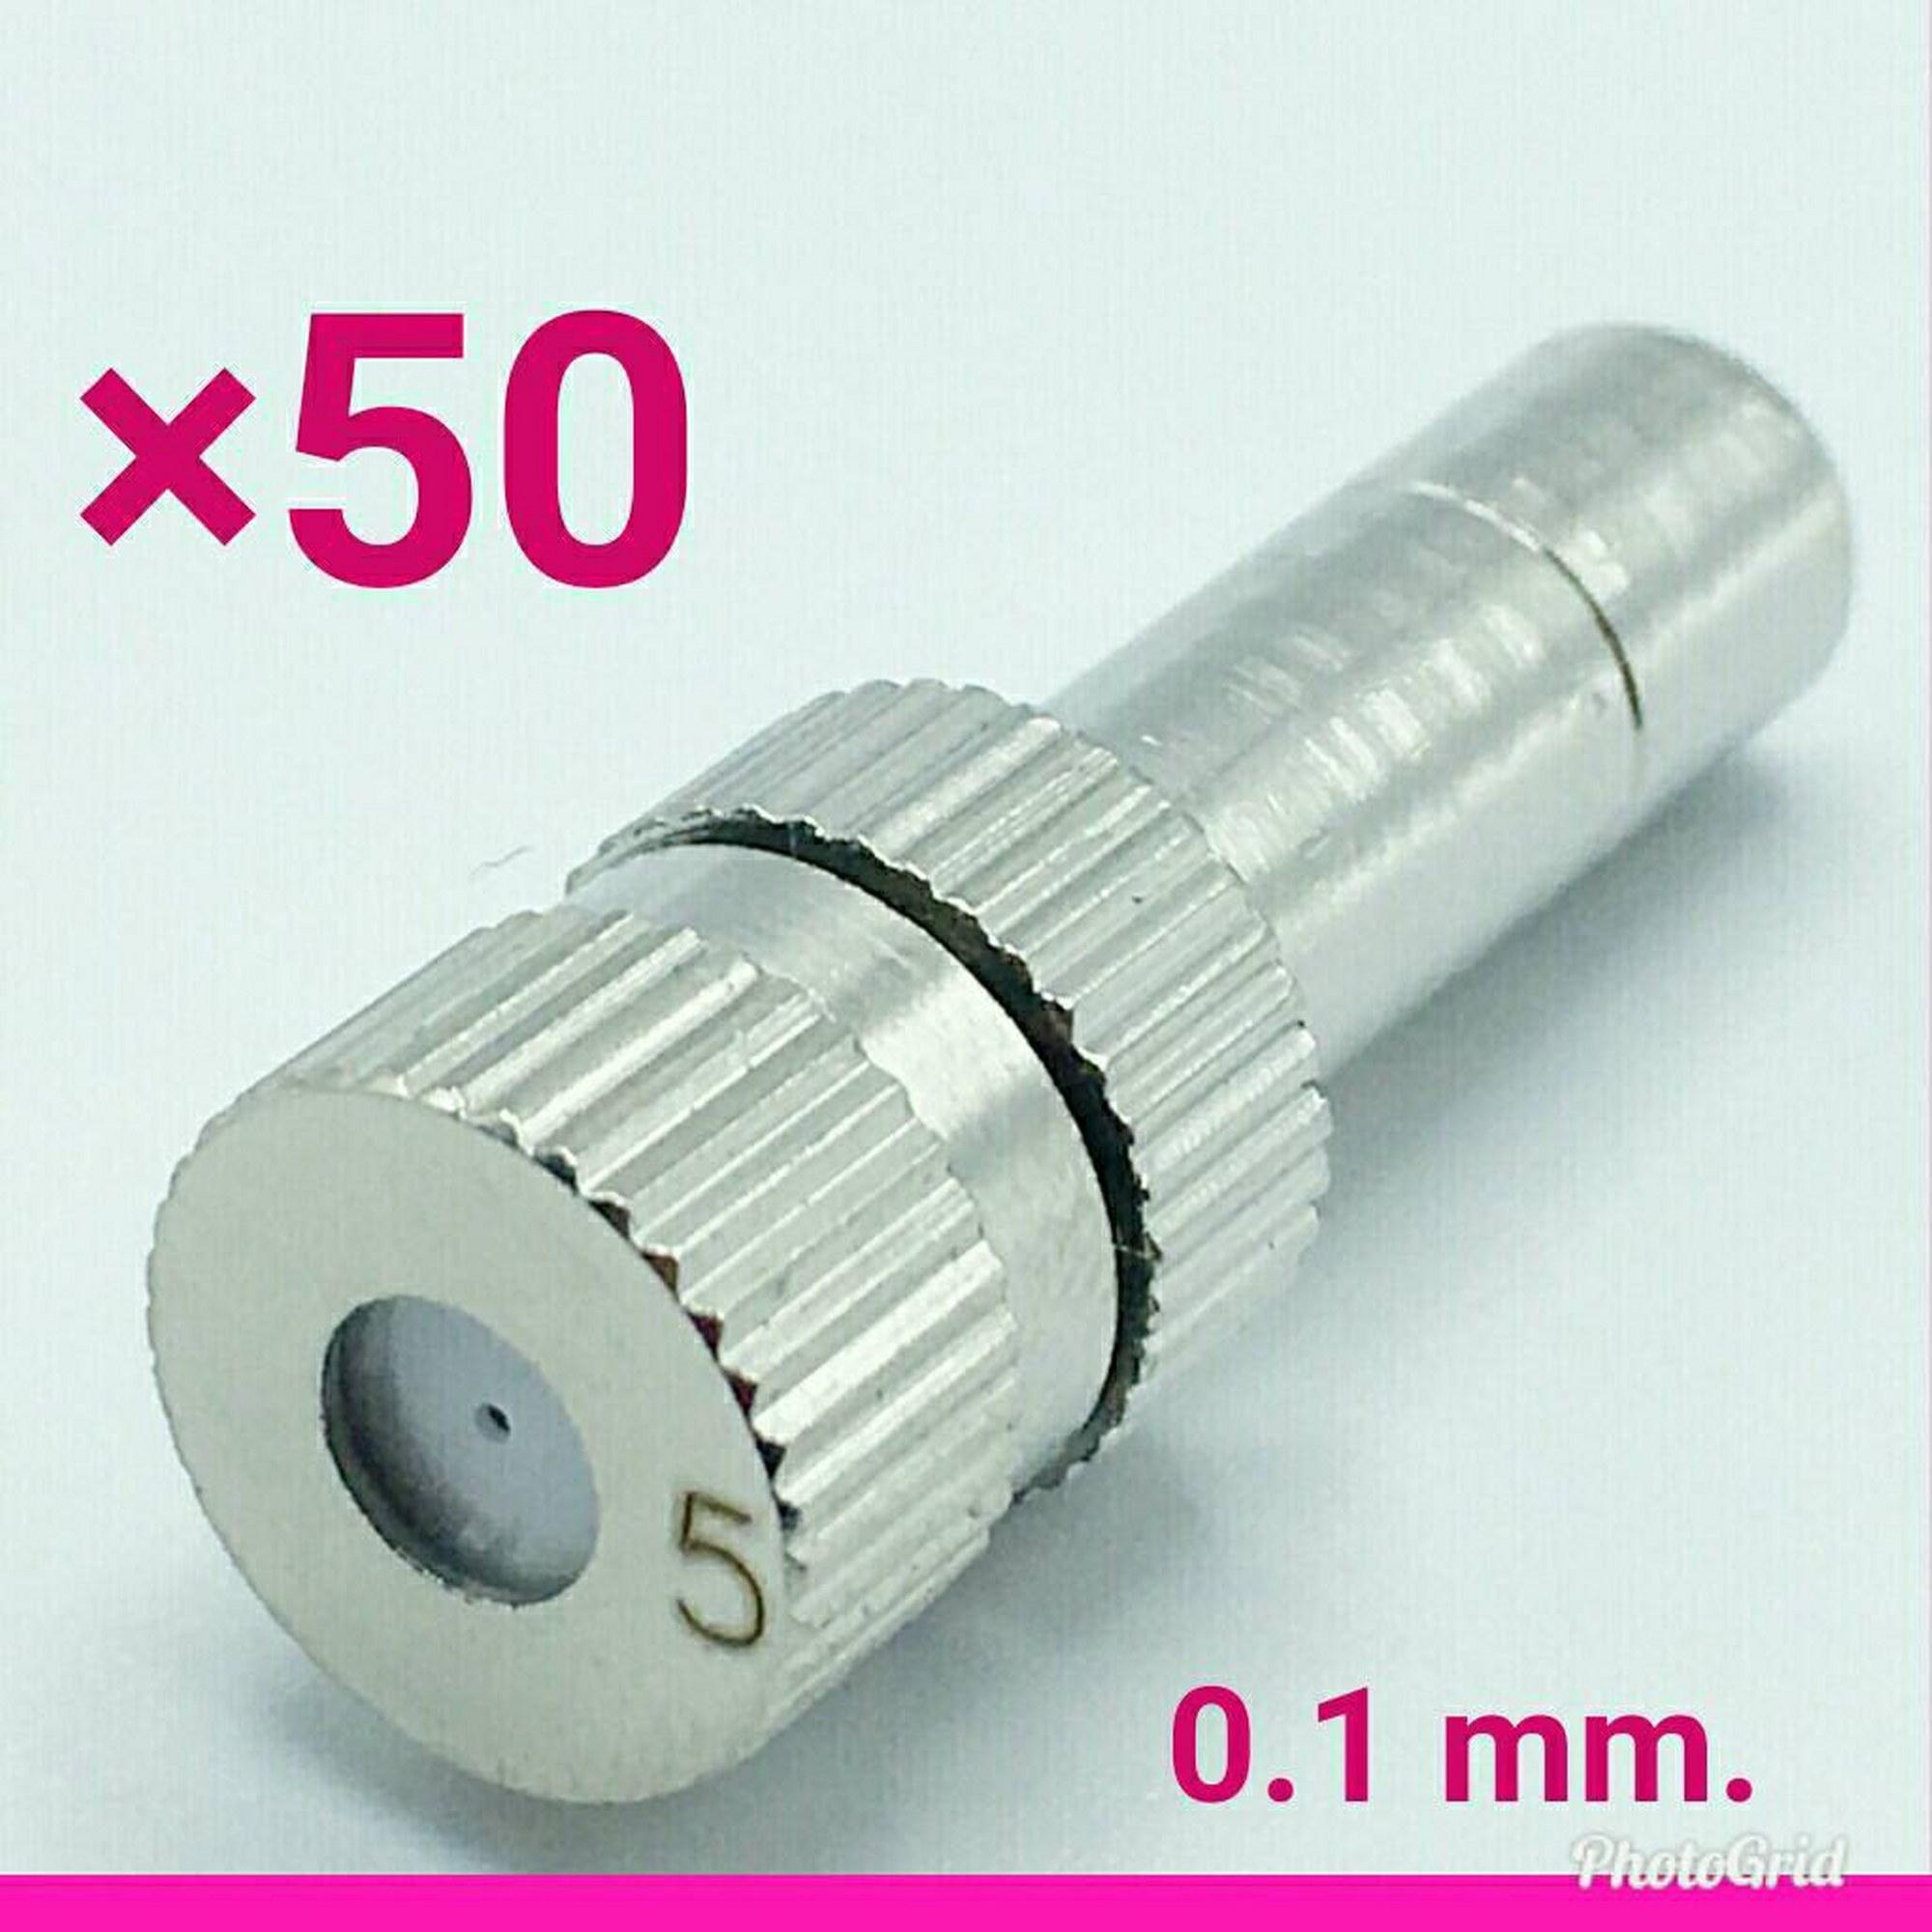 หัวพ่นหมอกละเอียด 0.5 mm. แบบไม่มีกรอง จำนวน 10 หัว